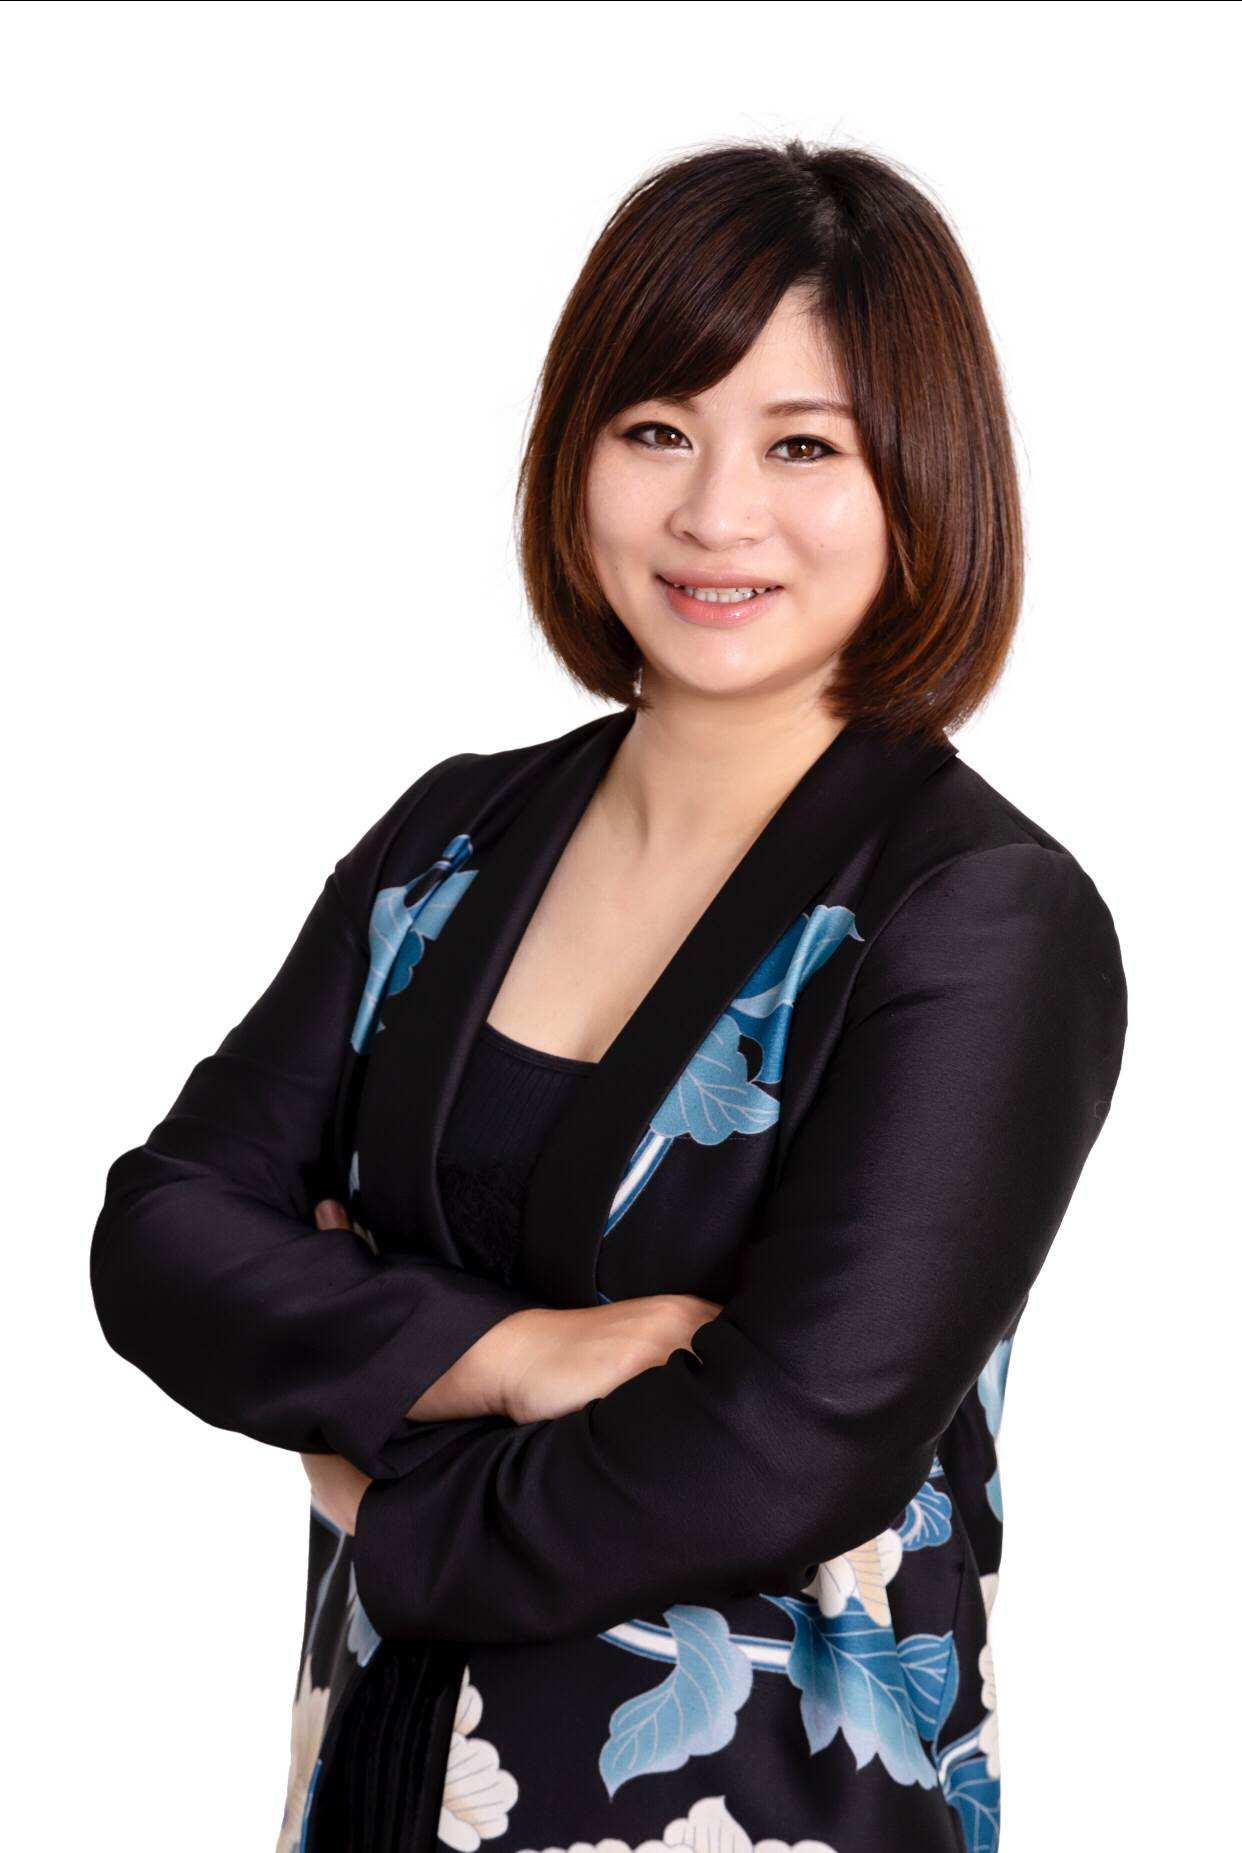 Lena Shao